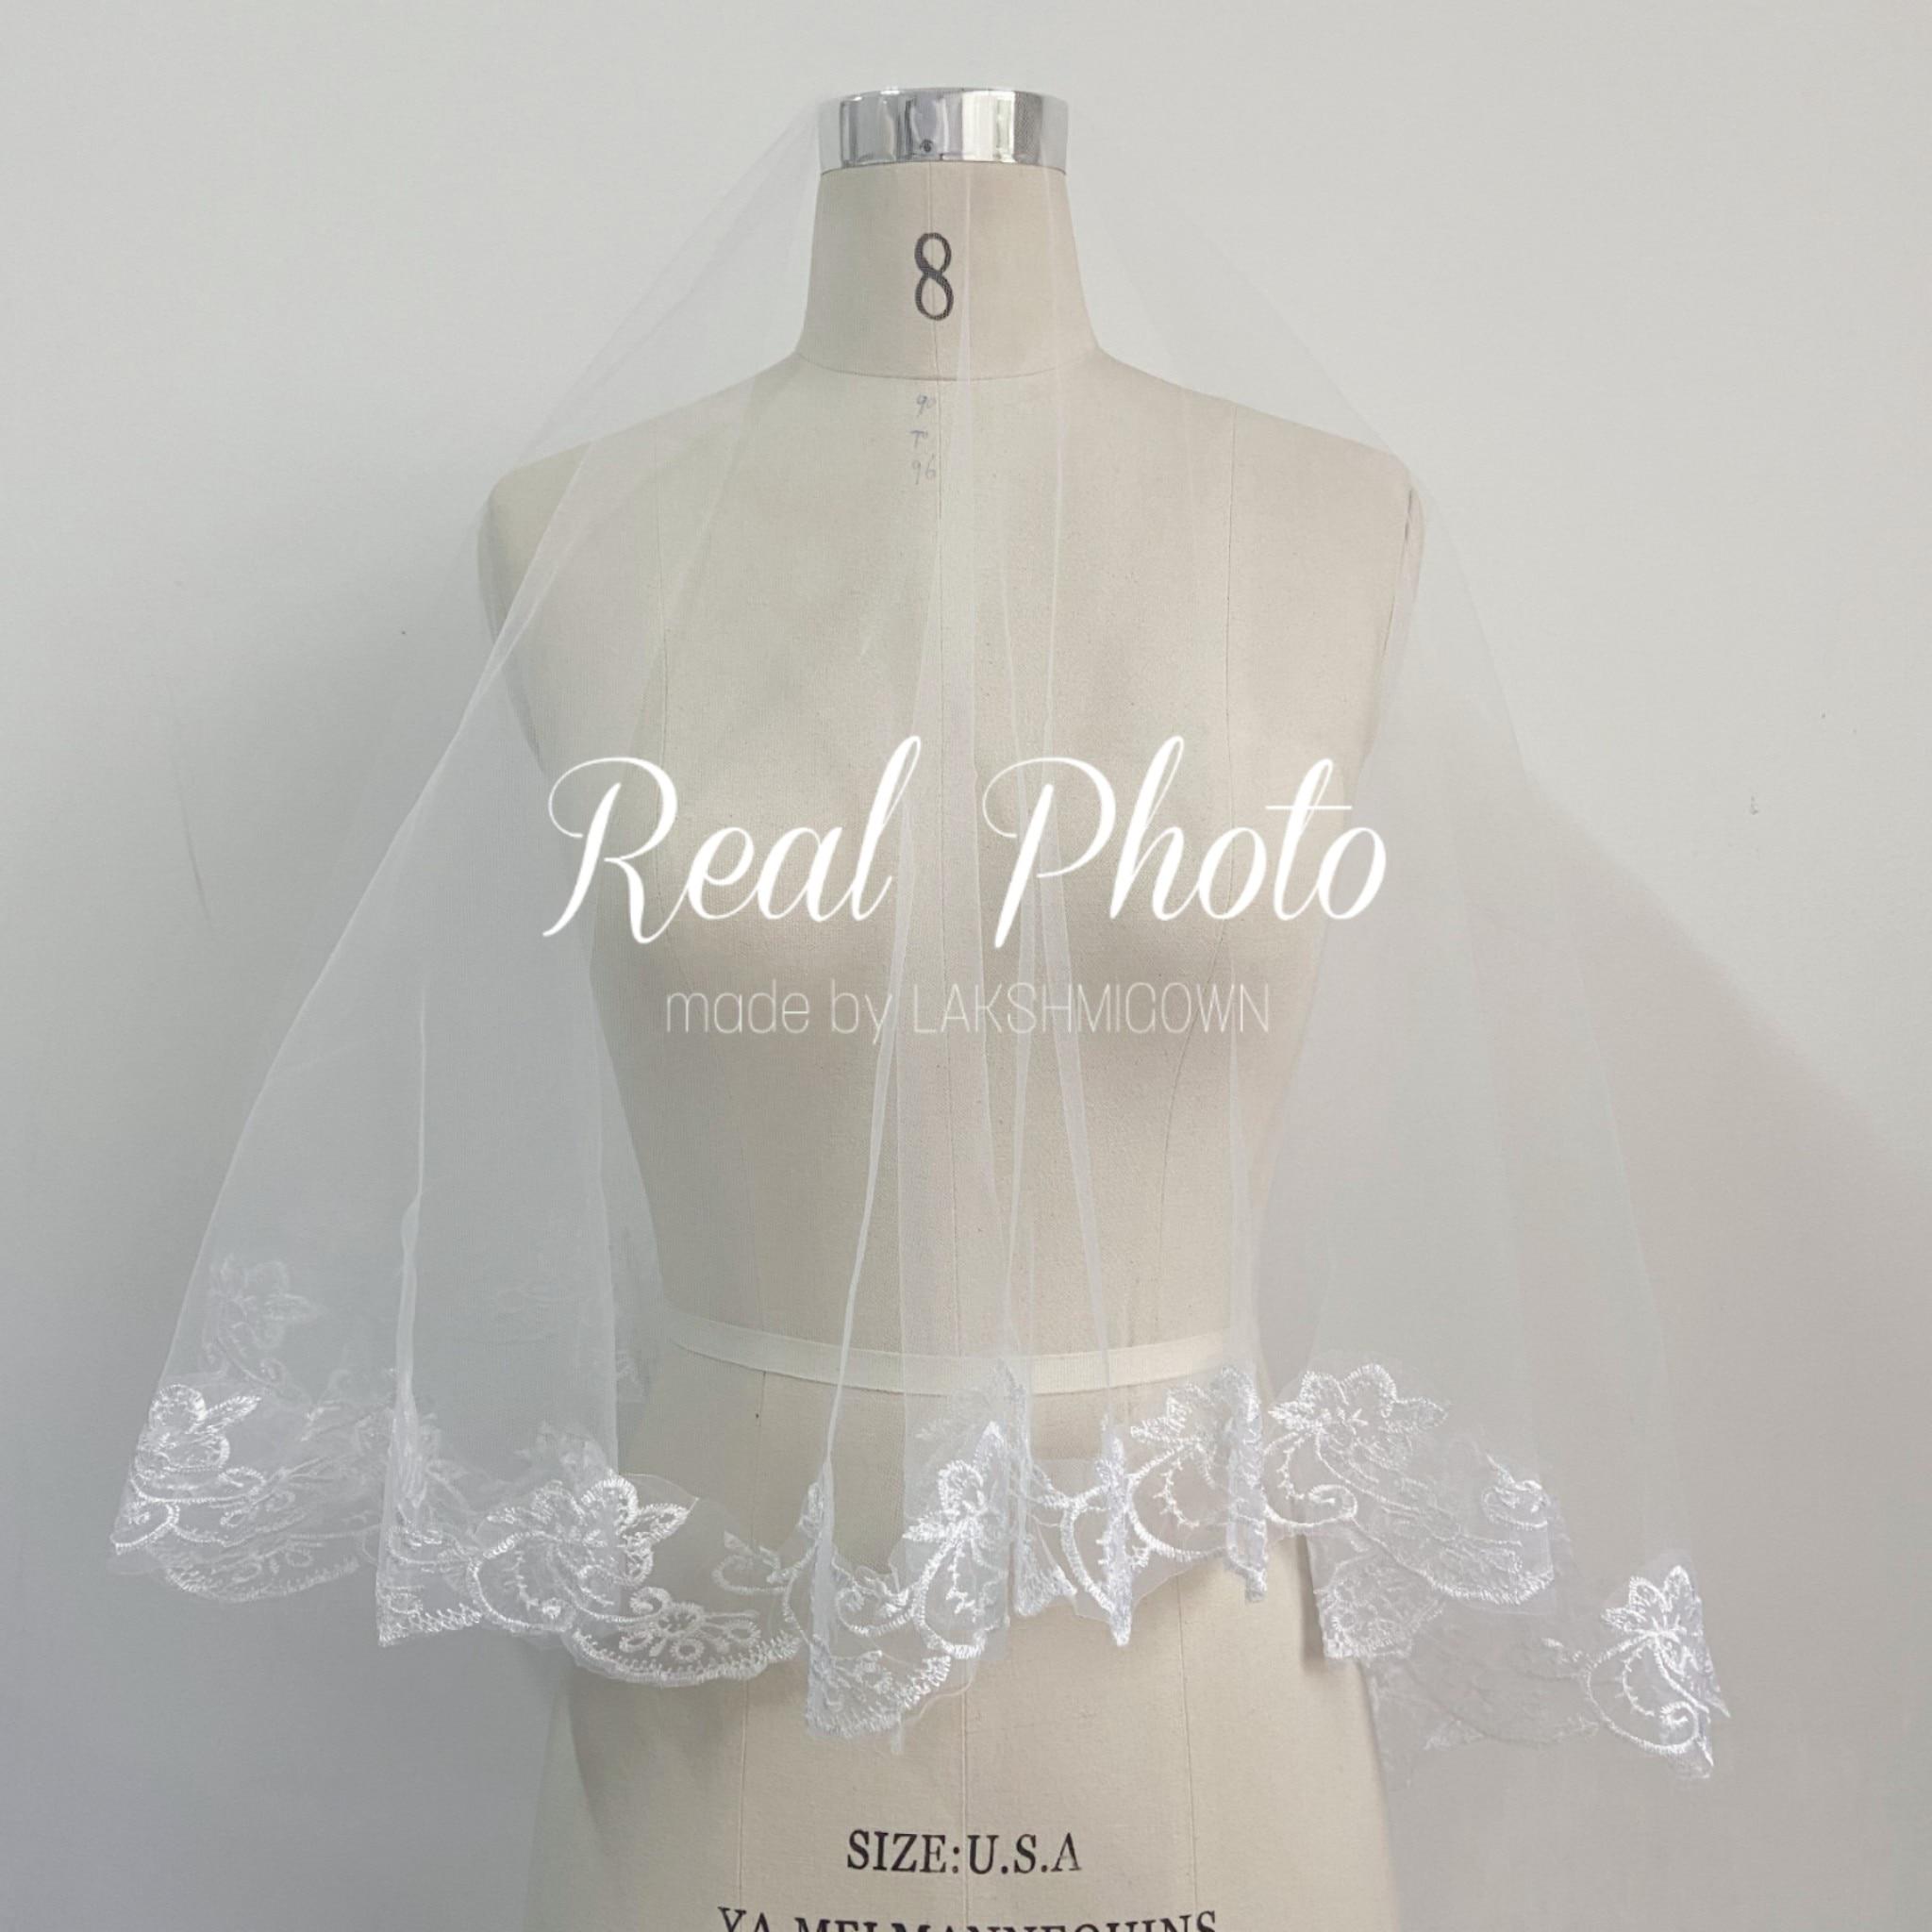 Kathedraal bruiloft witte en ivoren sluiers korte een laag - Bruiloft accessoires - Foto 3